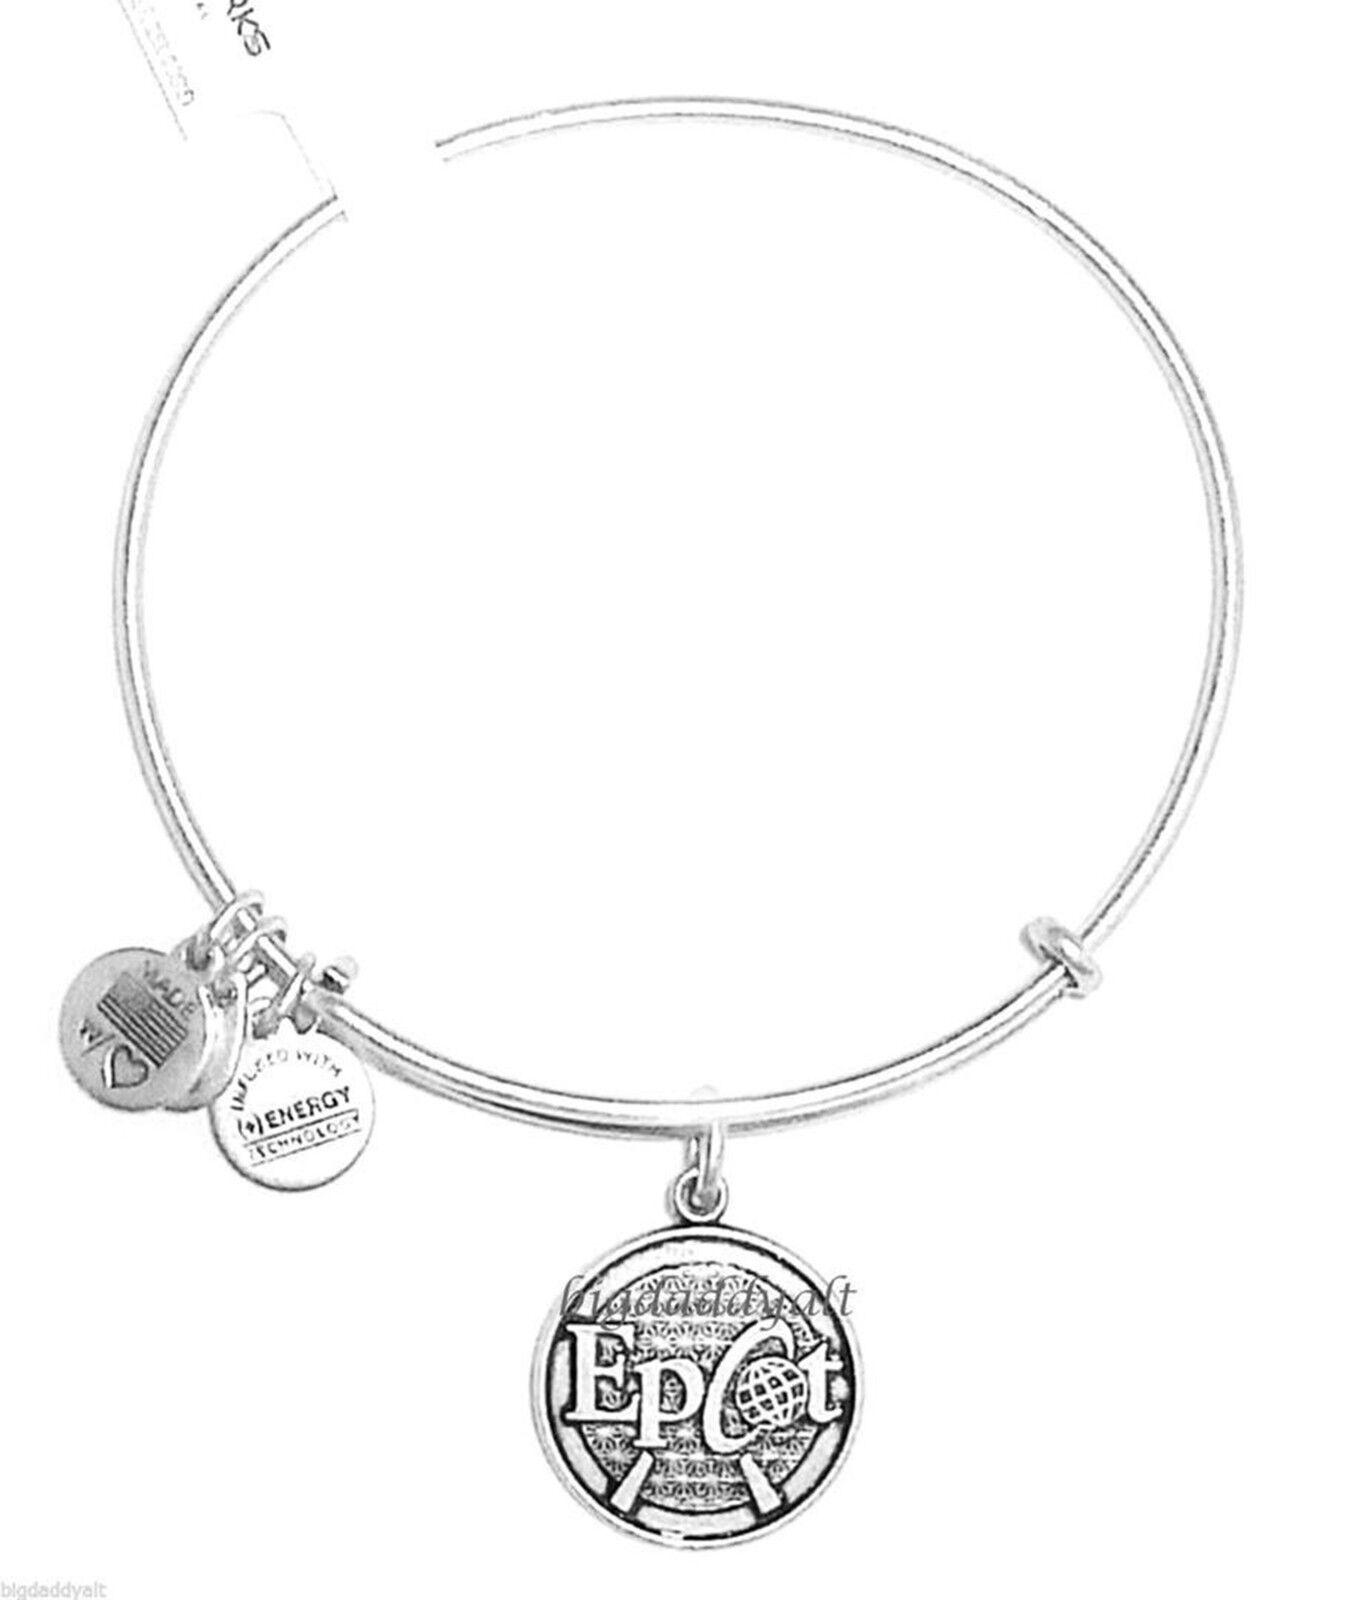 bracelet jewelry mom gallery ani silver in infinity lyst metallic wrap rafaelian and alex